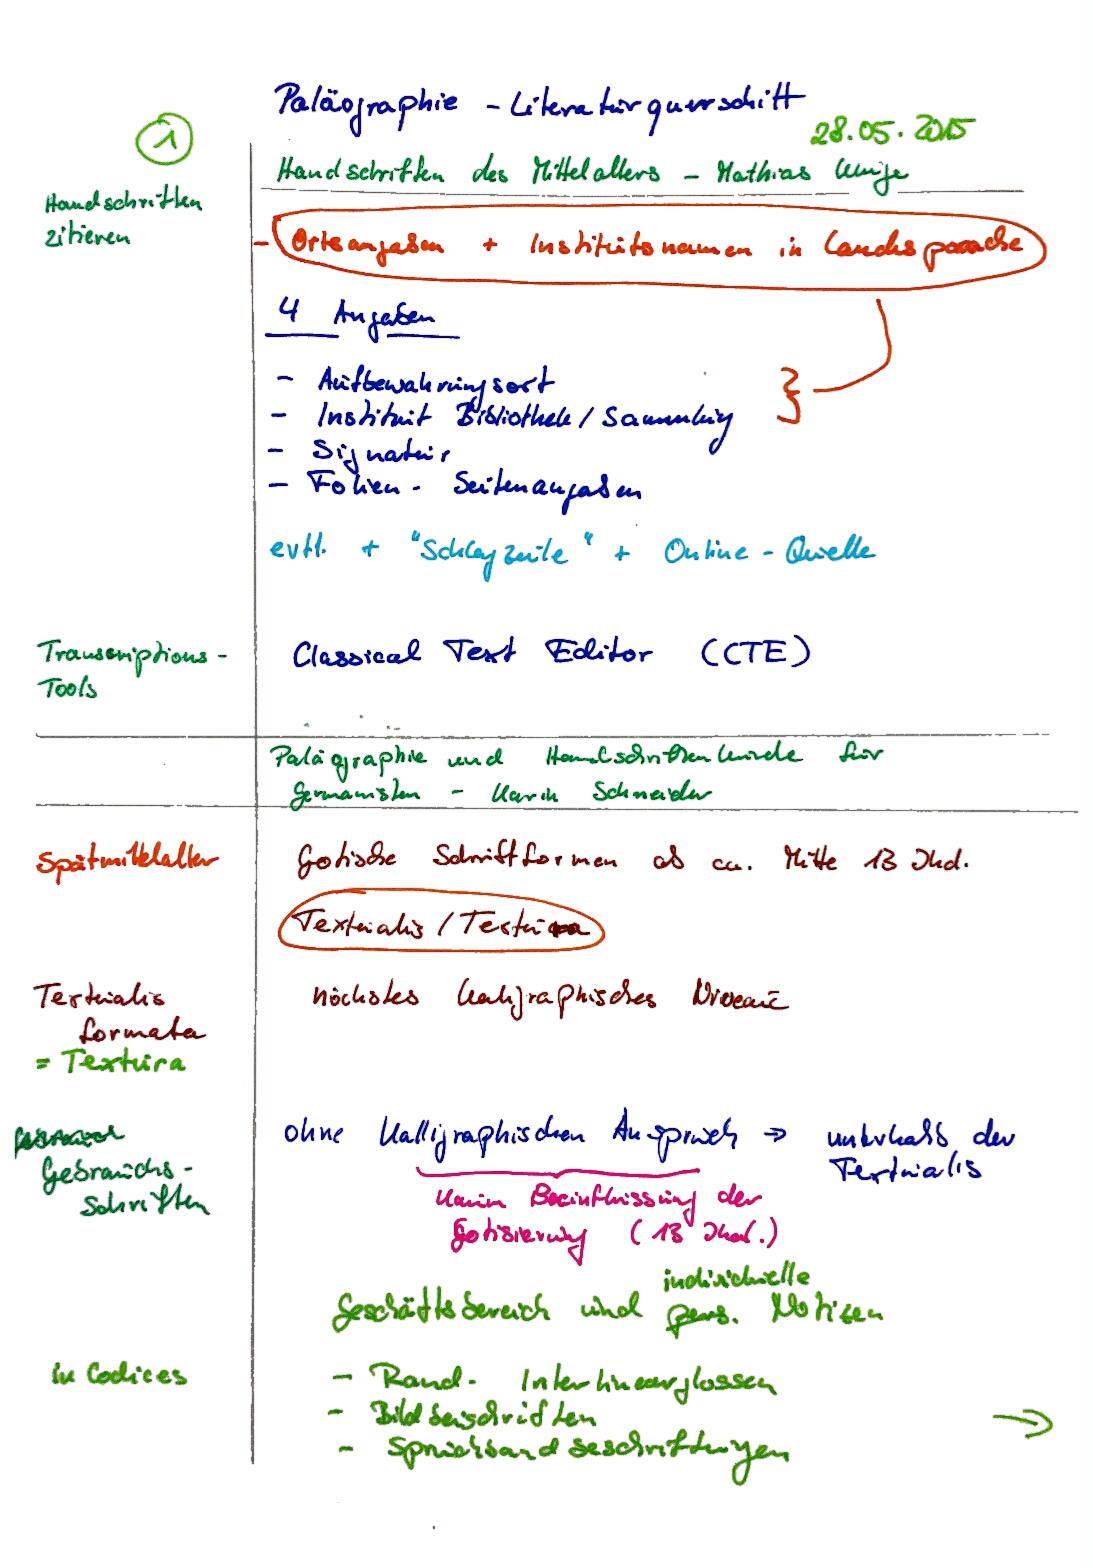 Notizen Paläographie und Schriftkunde 2015-05-28